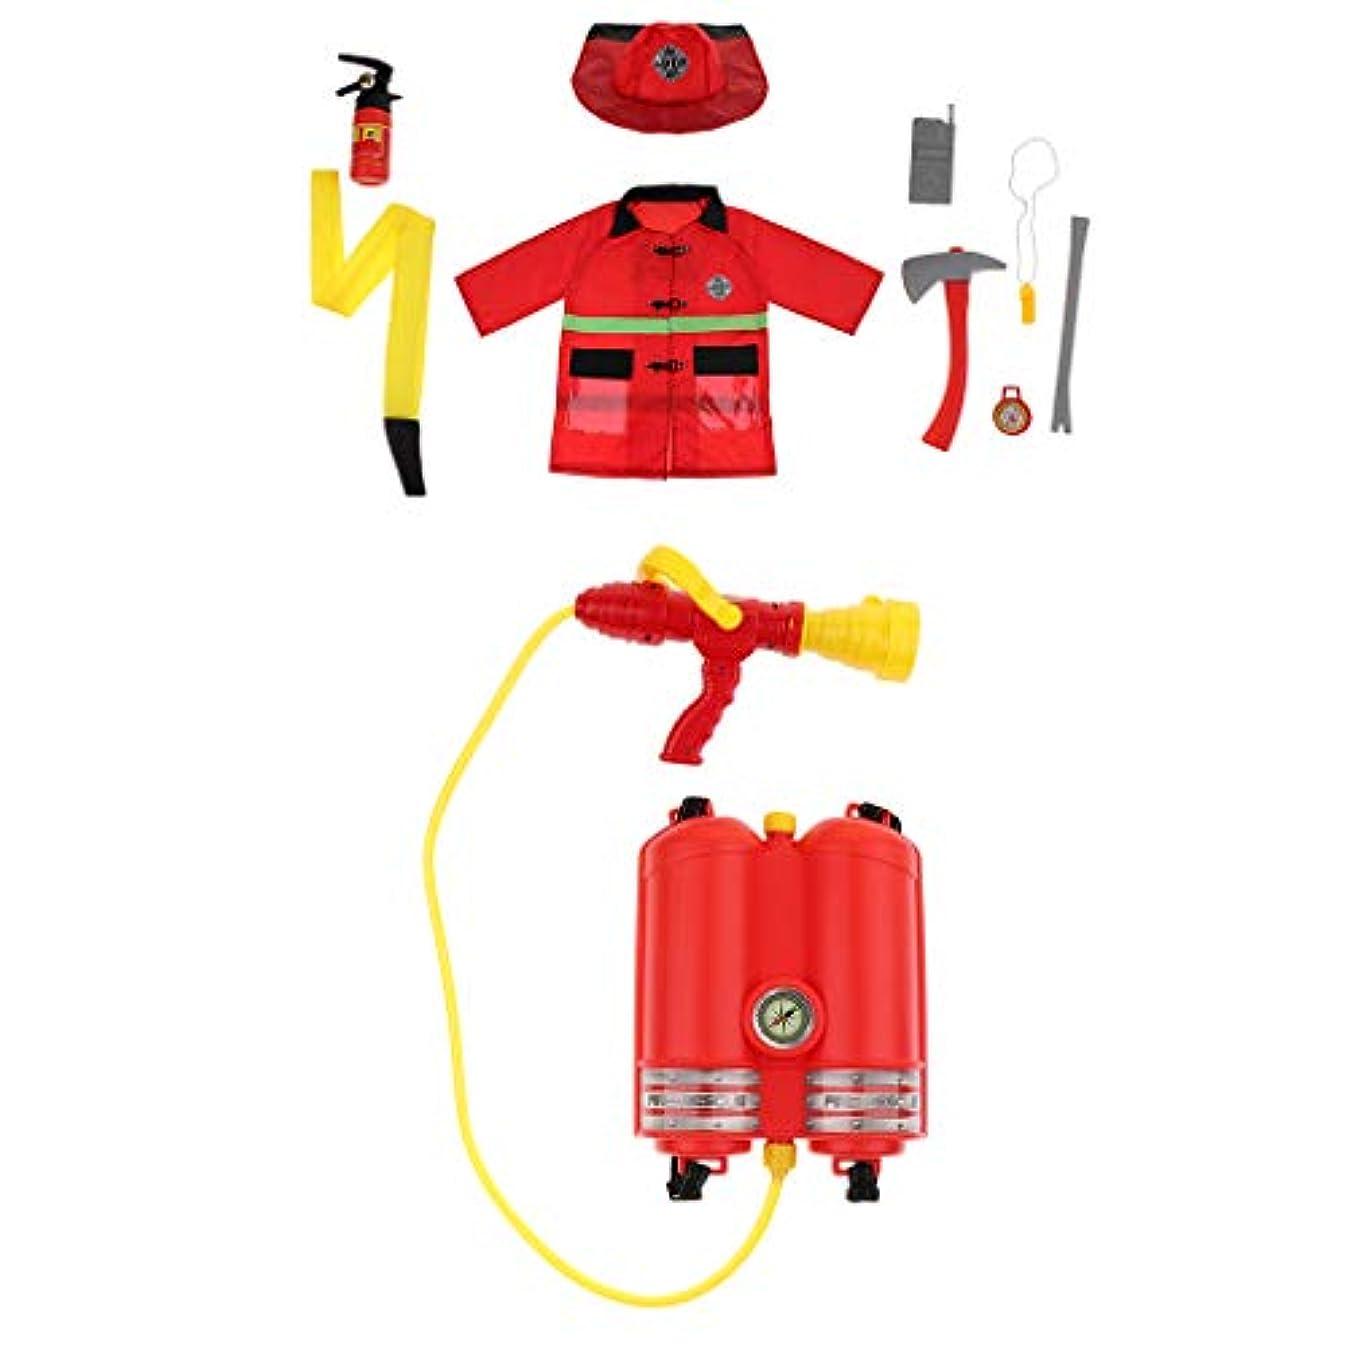 忘れるに頼る液体子供 消火器水溜まり 消防士 ロールプレイ 衣装 ハロウィンコスプレセット